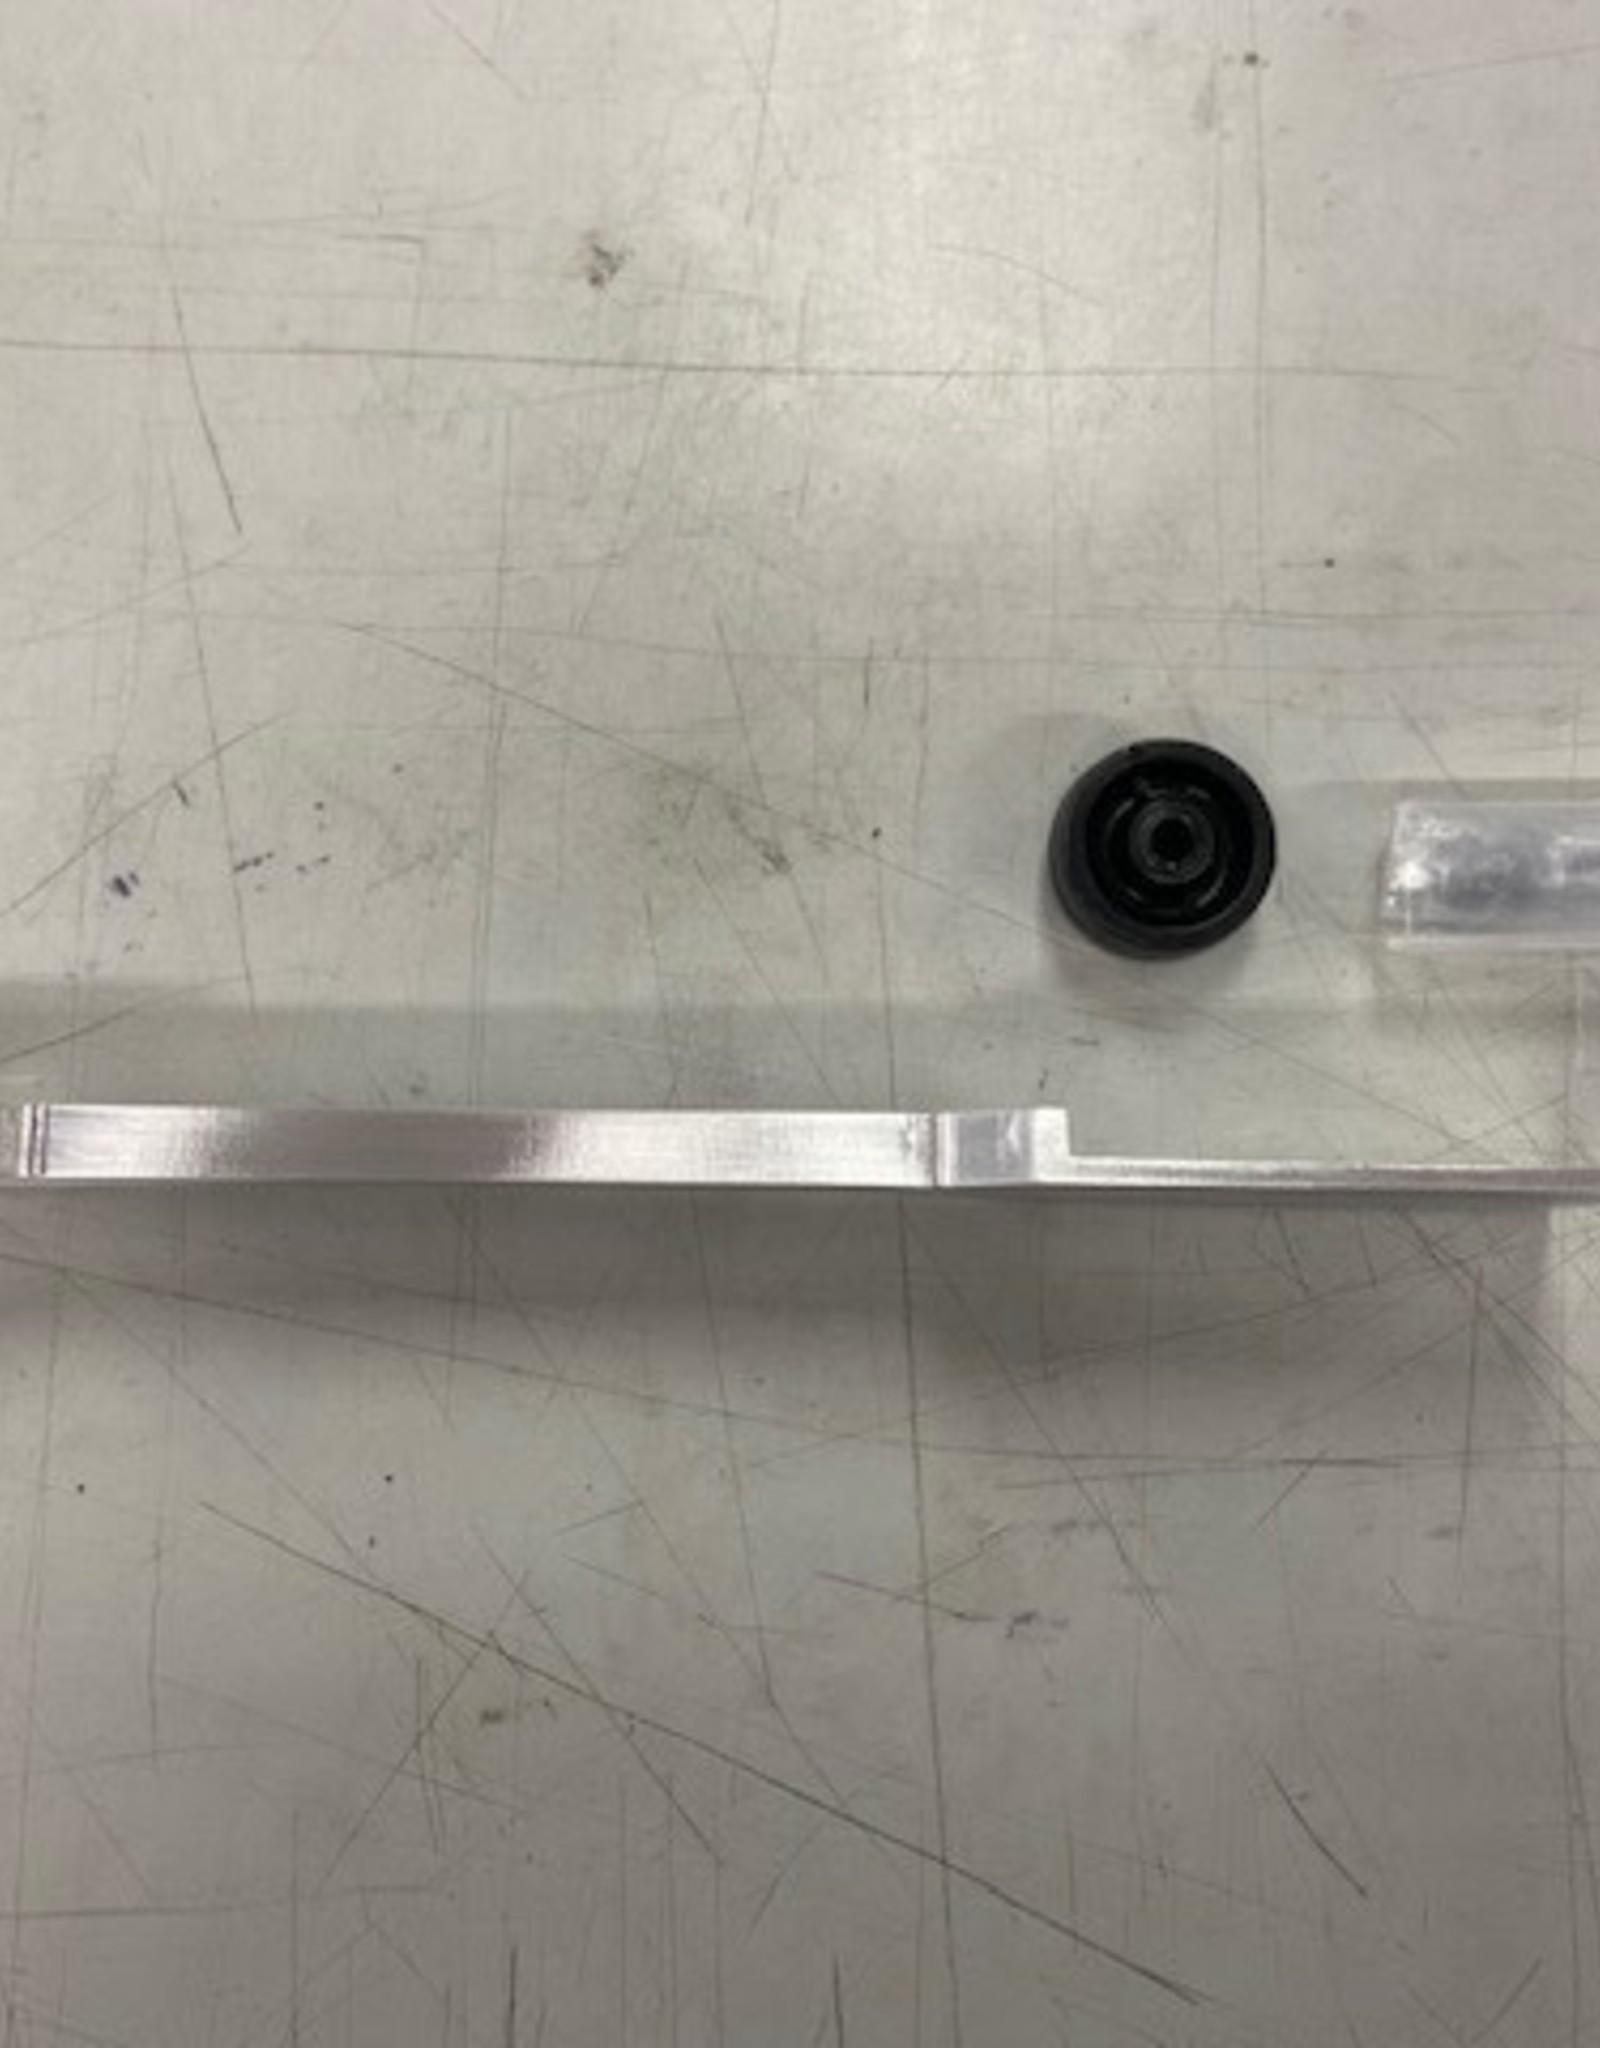 RC Speed Monsters RSM ARRMA Universal Fit Wheelie Bar - 1